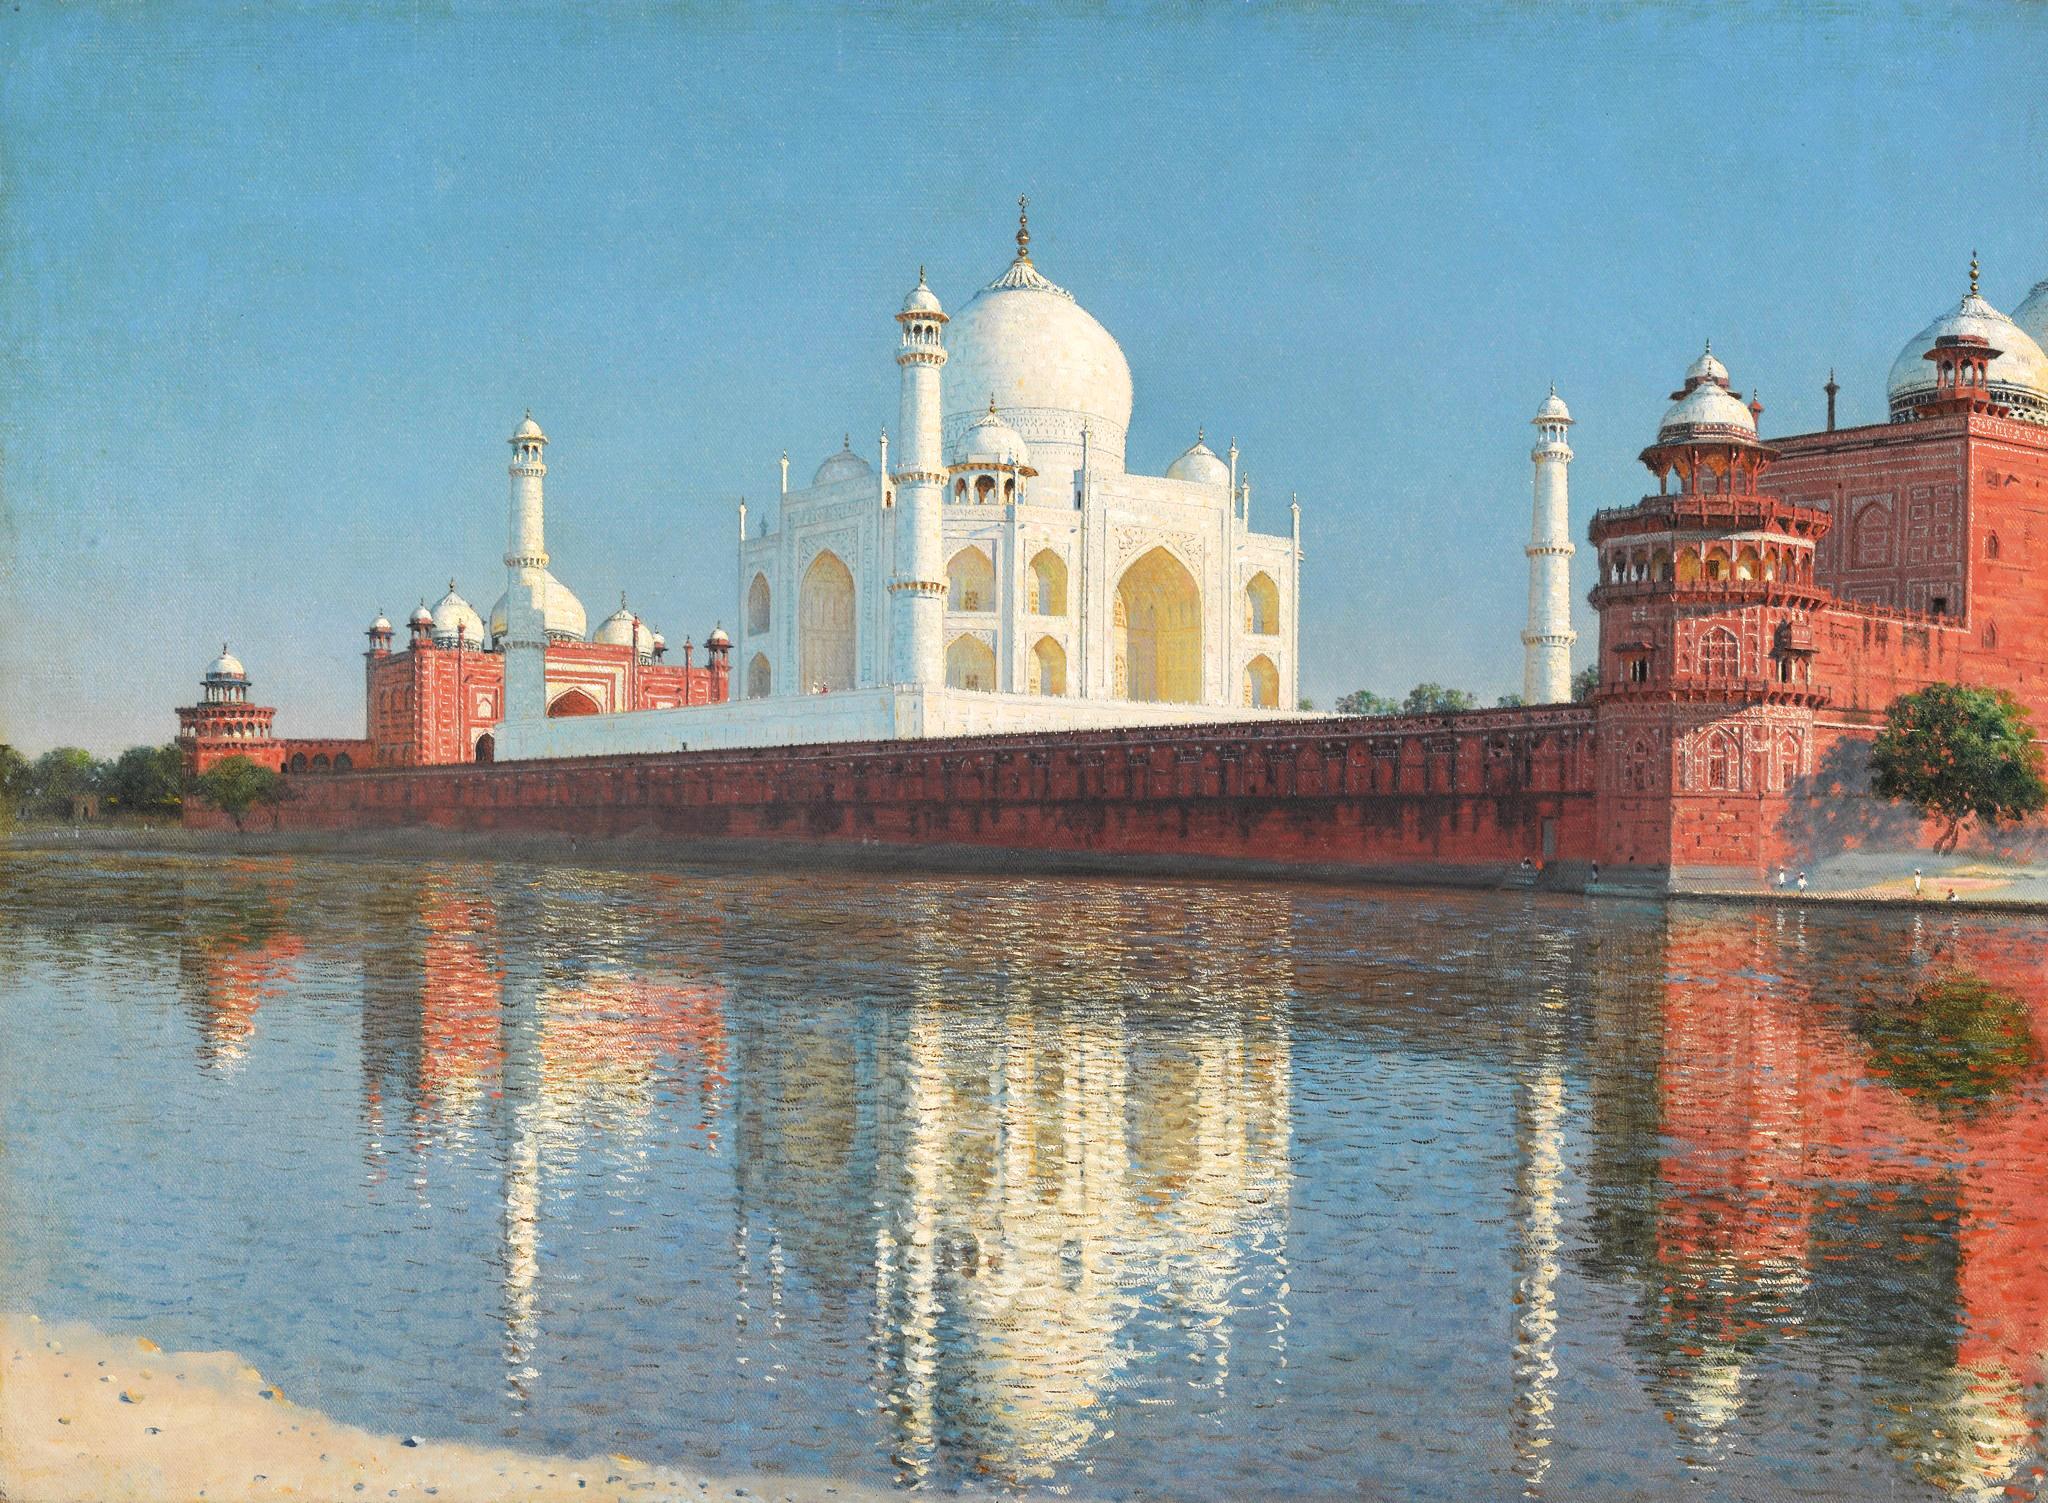 Vasily Vereshchagin, Taj Mahal